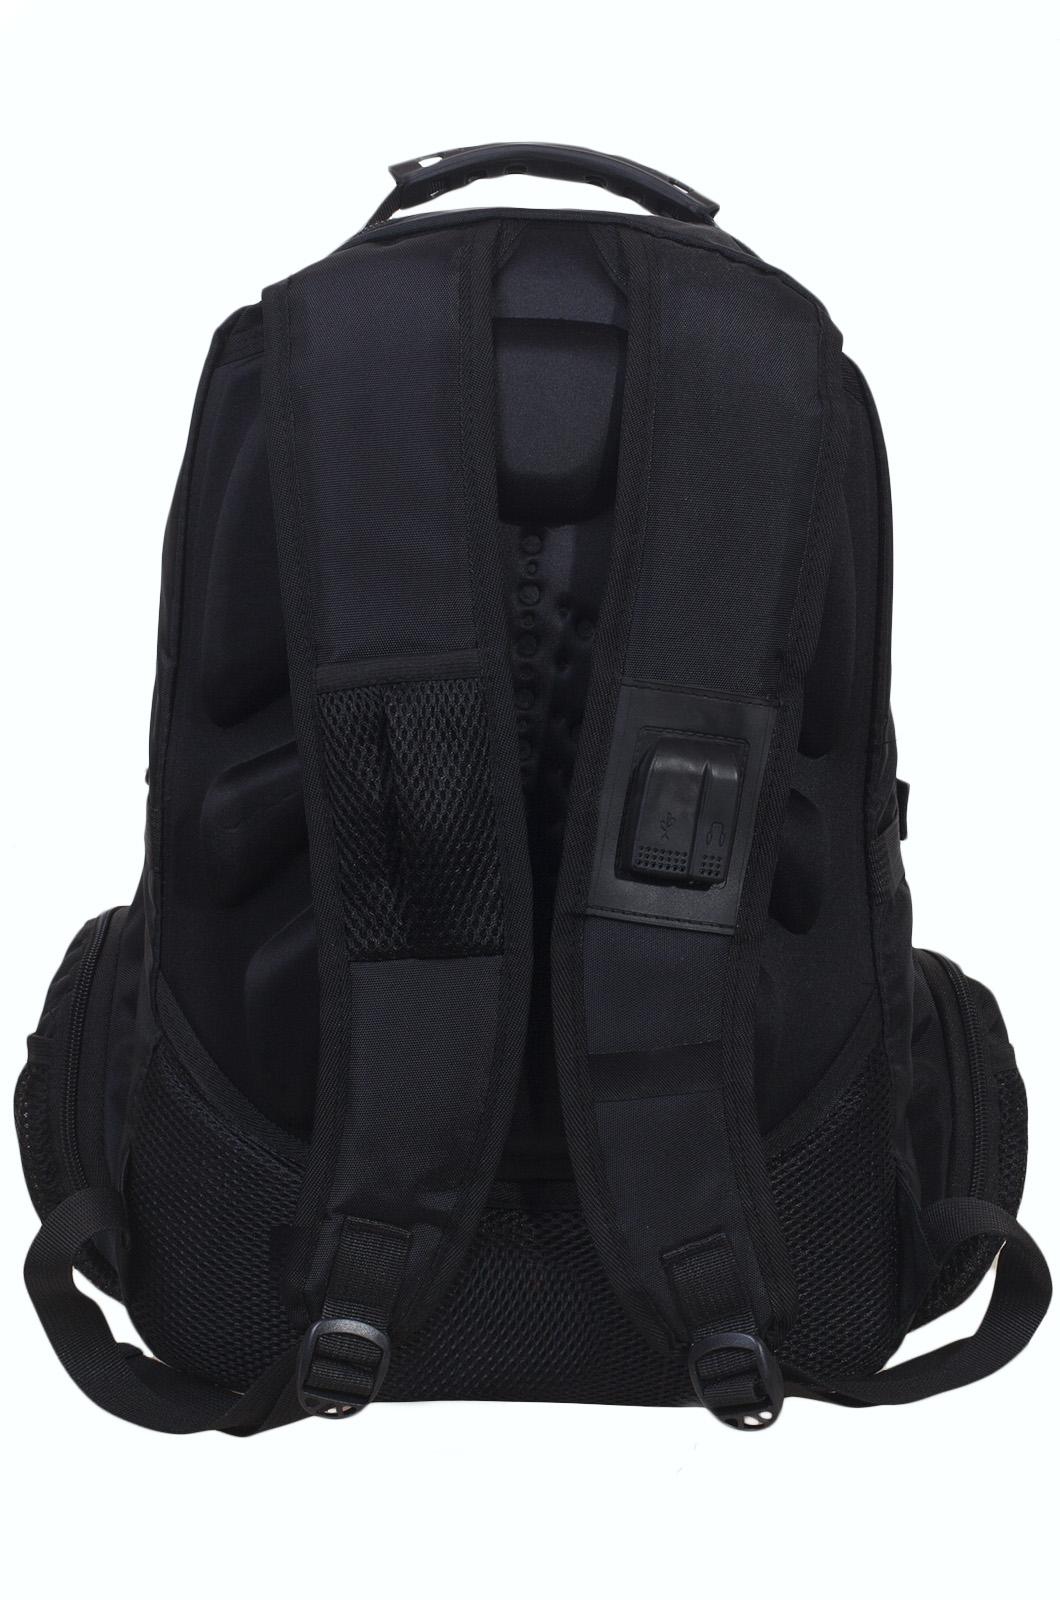 Черный молодежный рюкзак с нашивкой Таможня купить онлайн